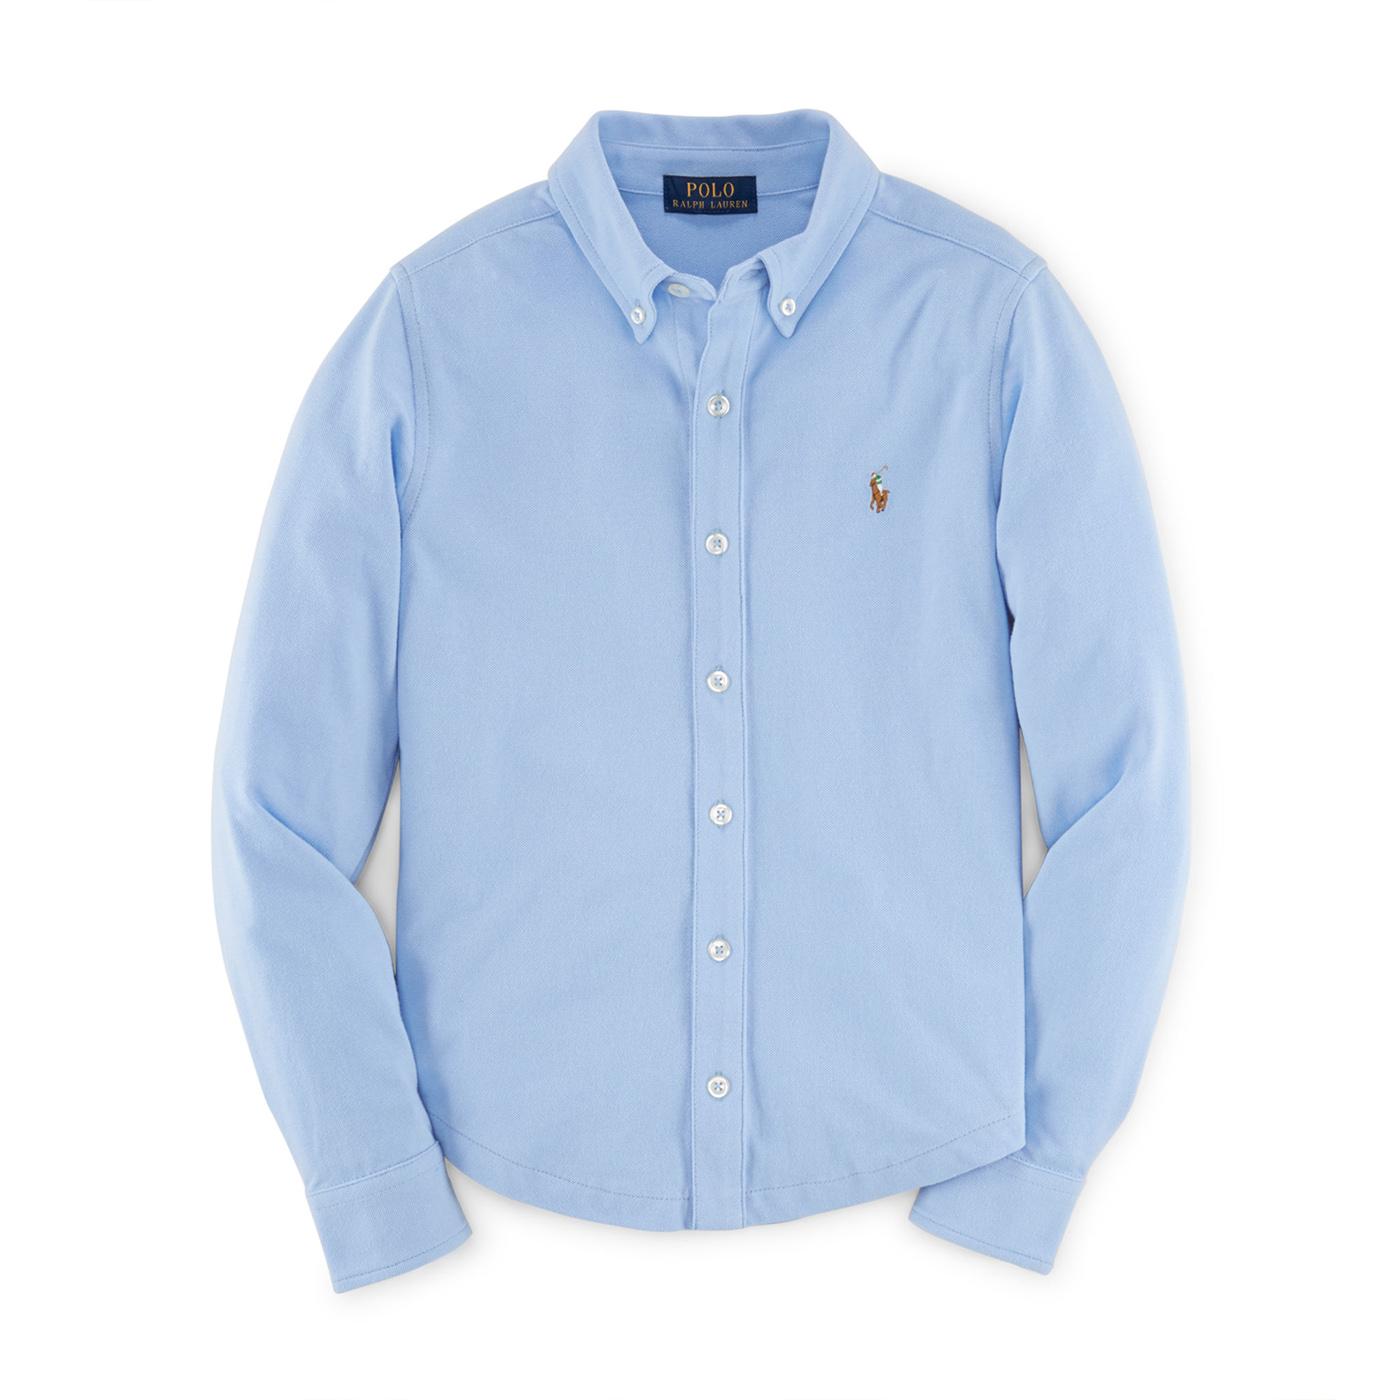 美國百分百【Ralph Lauren】長袖 襯衫 RL 男 素面 針織 網眼 上衣 polo 彩馬 淡藍 女 G295